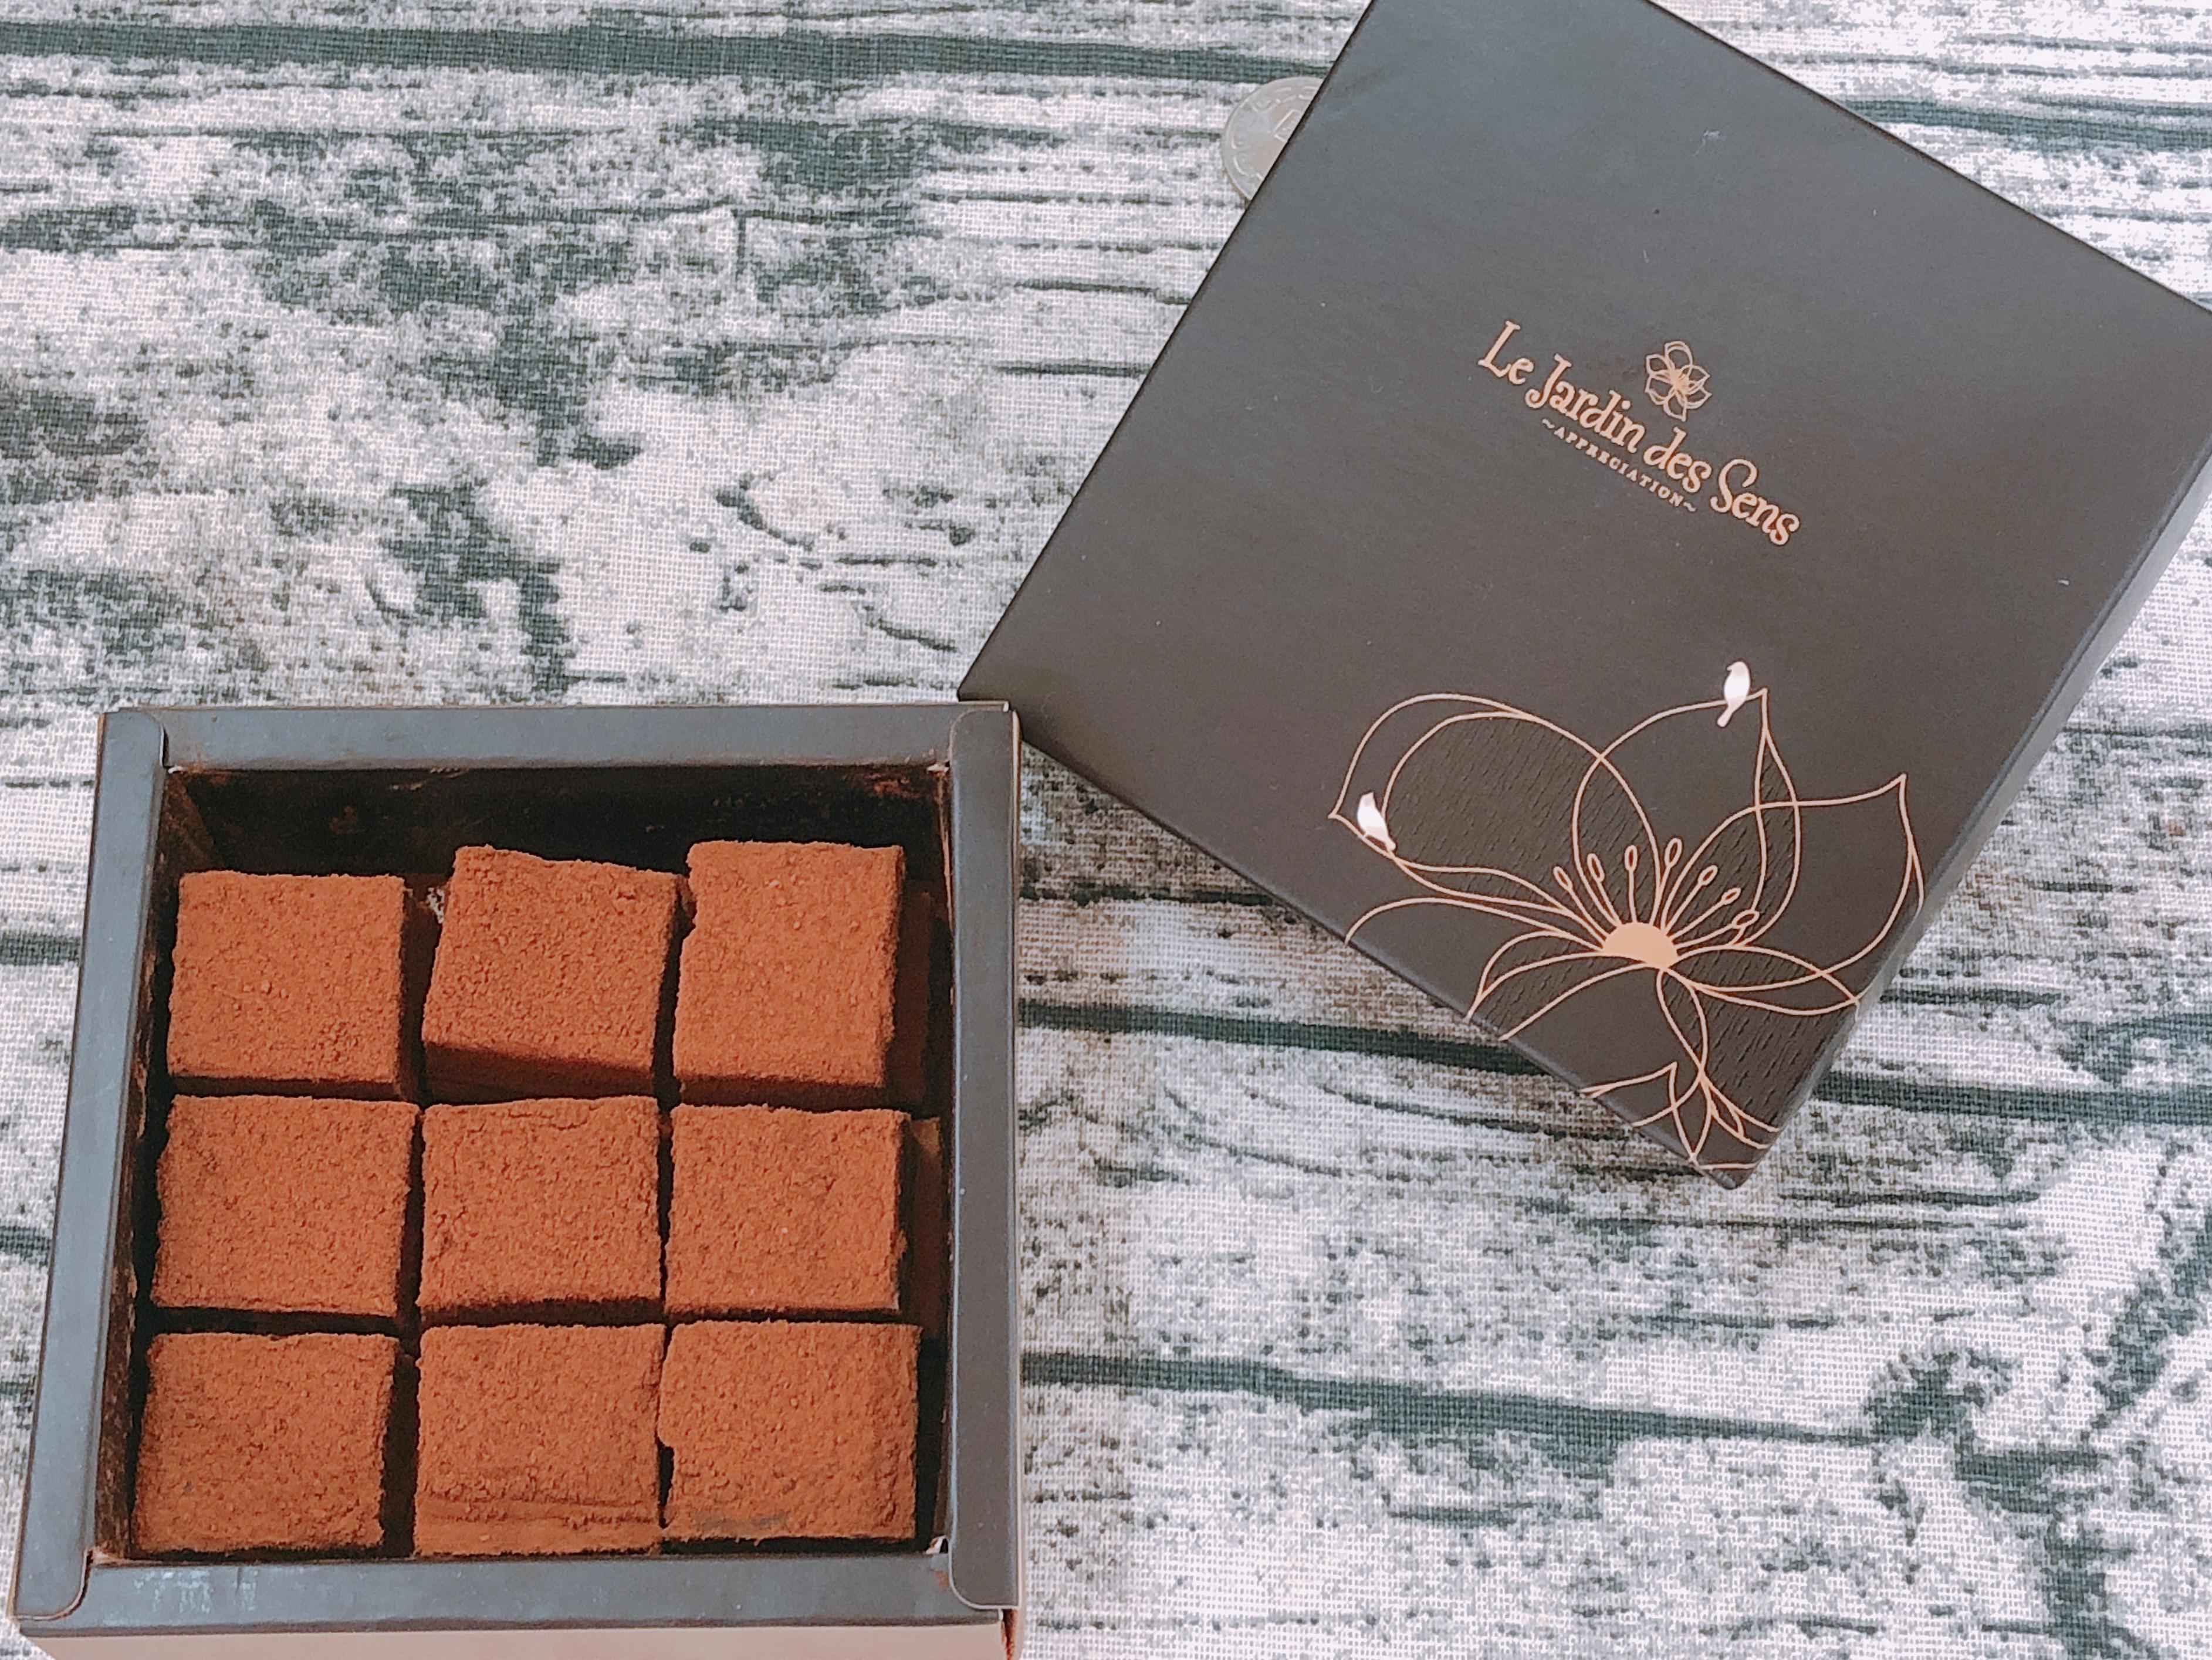 【影片】生巧克力製作   巧果工作室